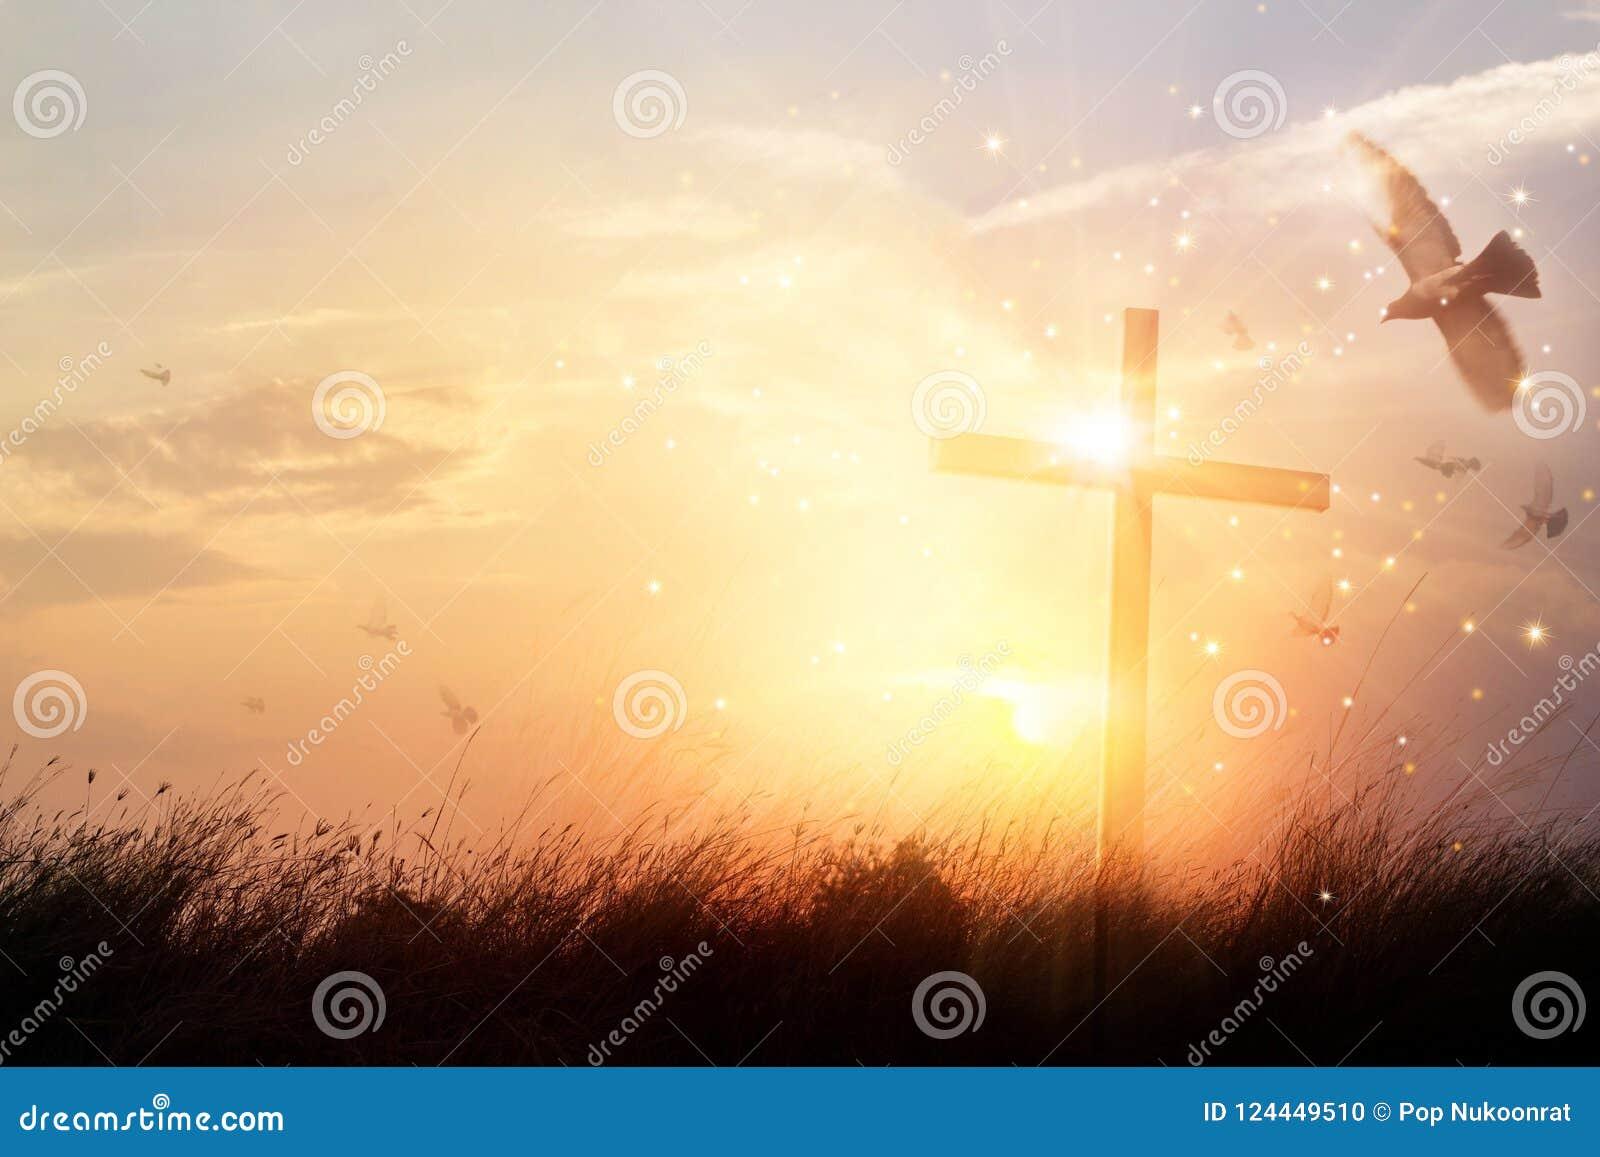 Sylwetka chrześcijanina krzyż na trawie w wschodu słońca tle